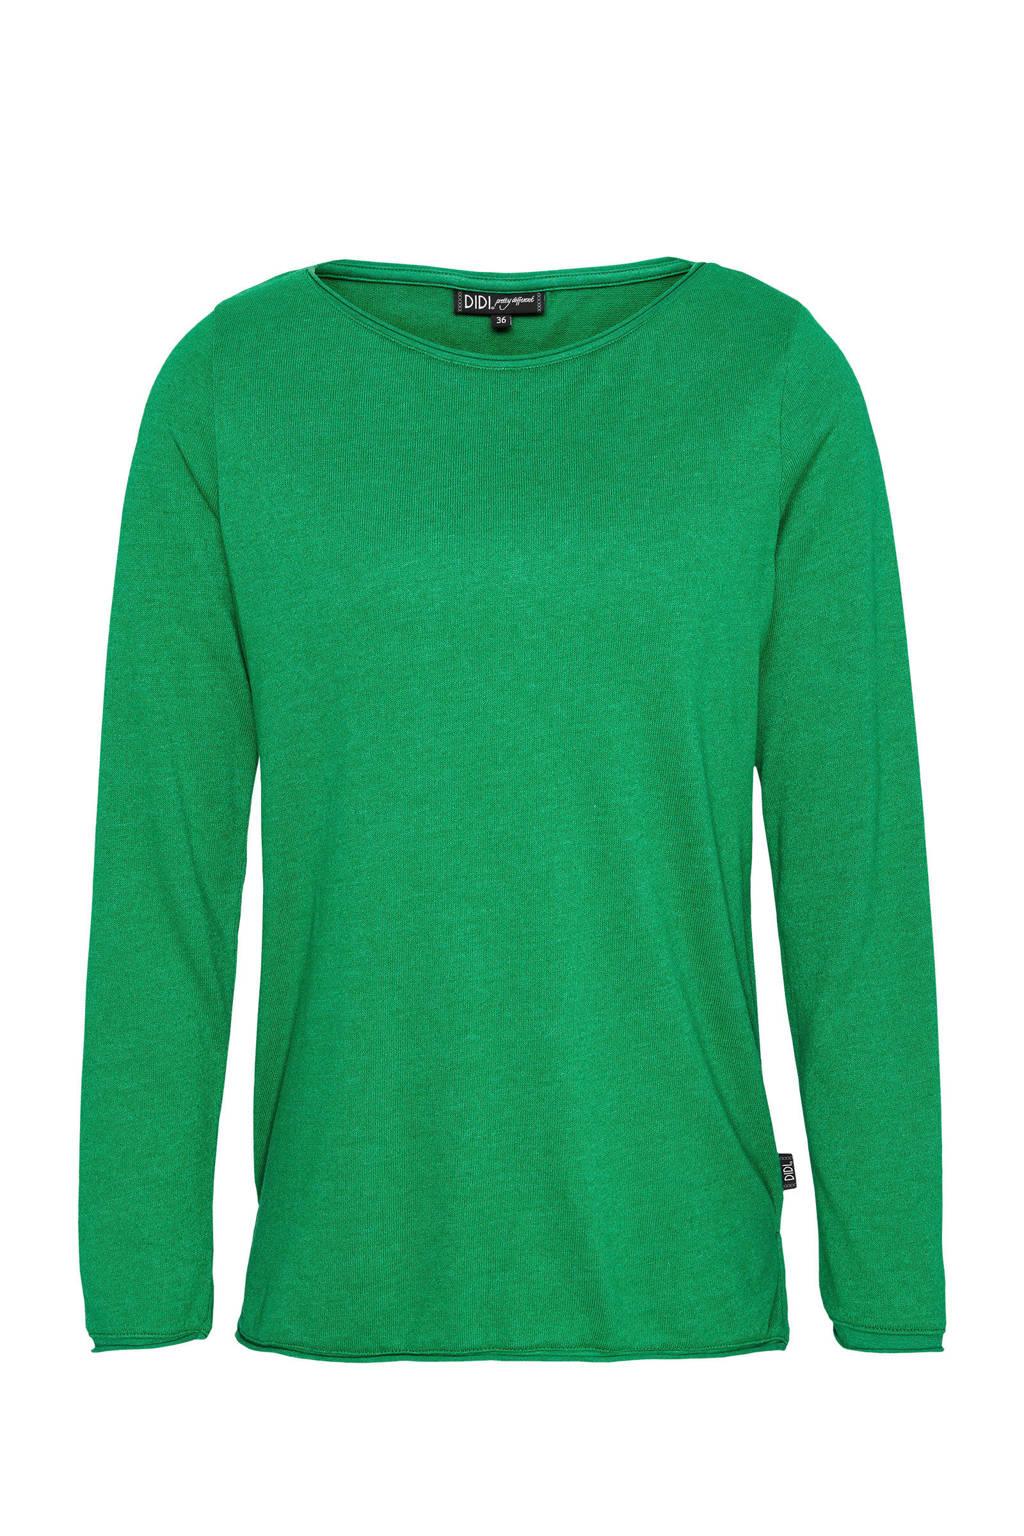 Didi top met splitjes groen, Groen